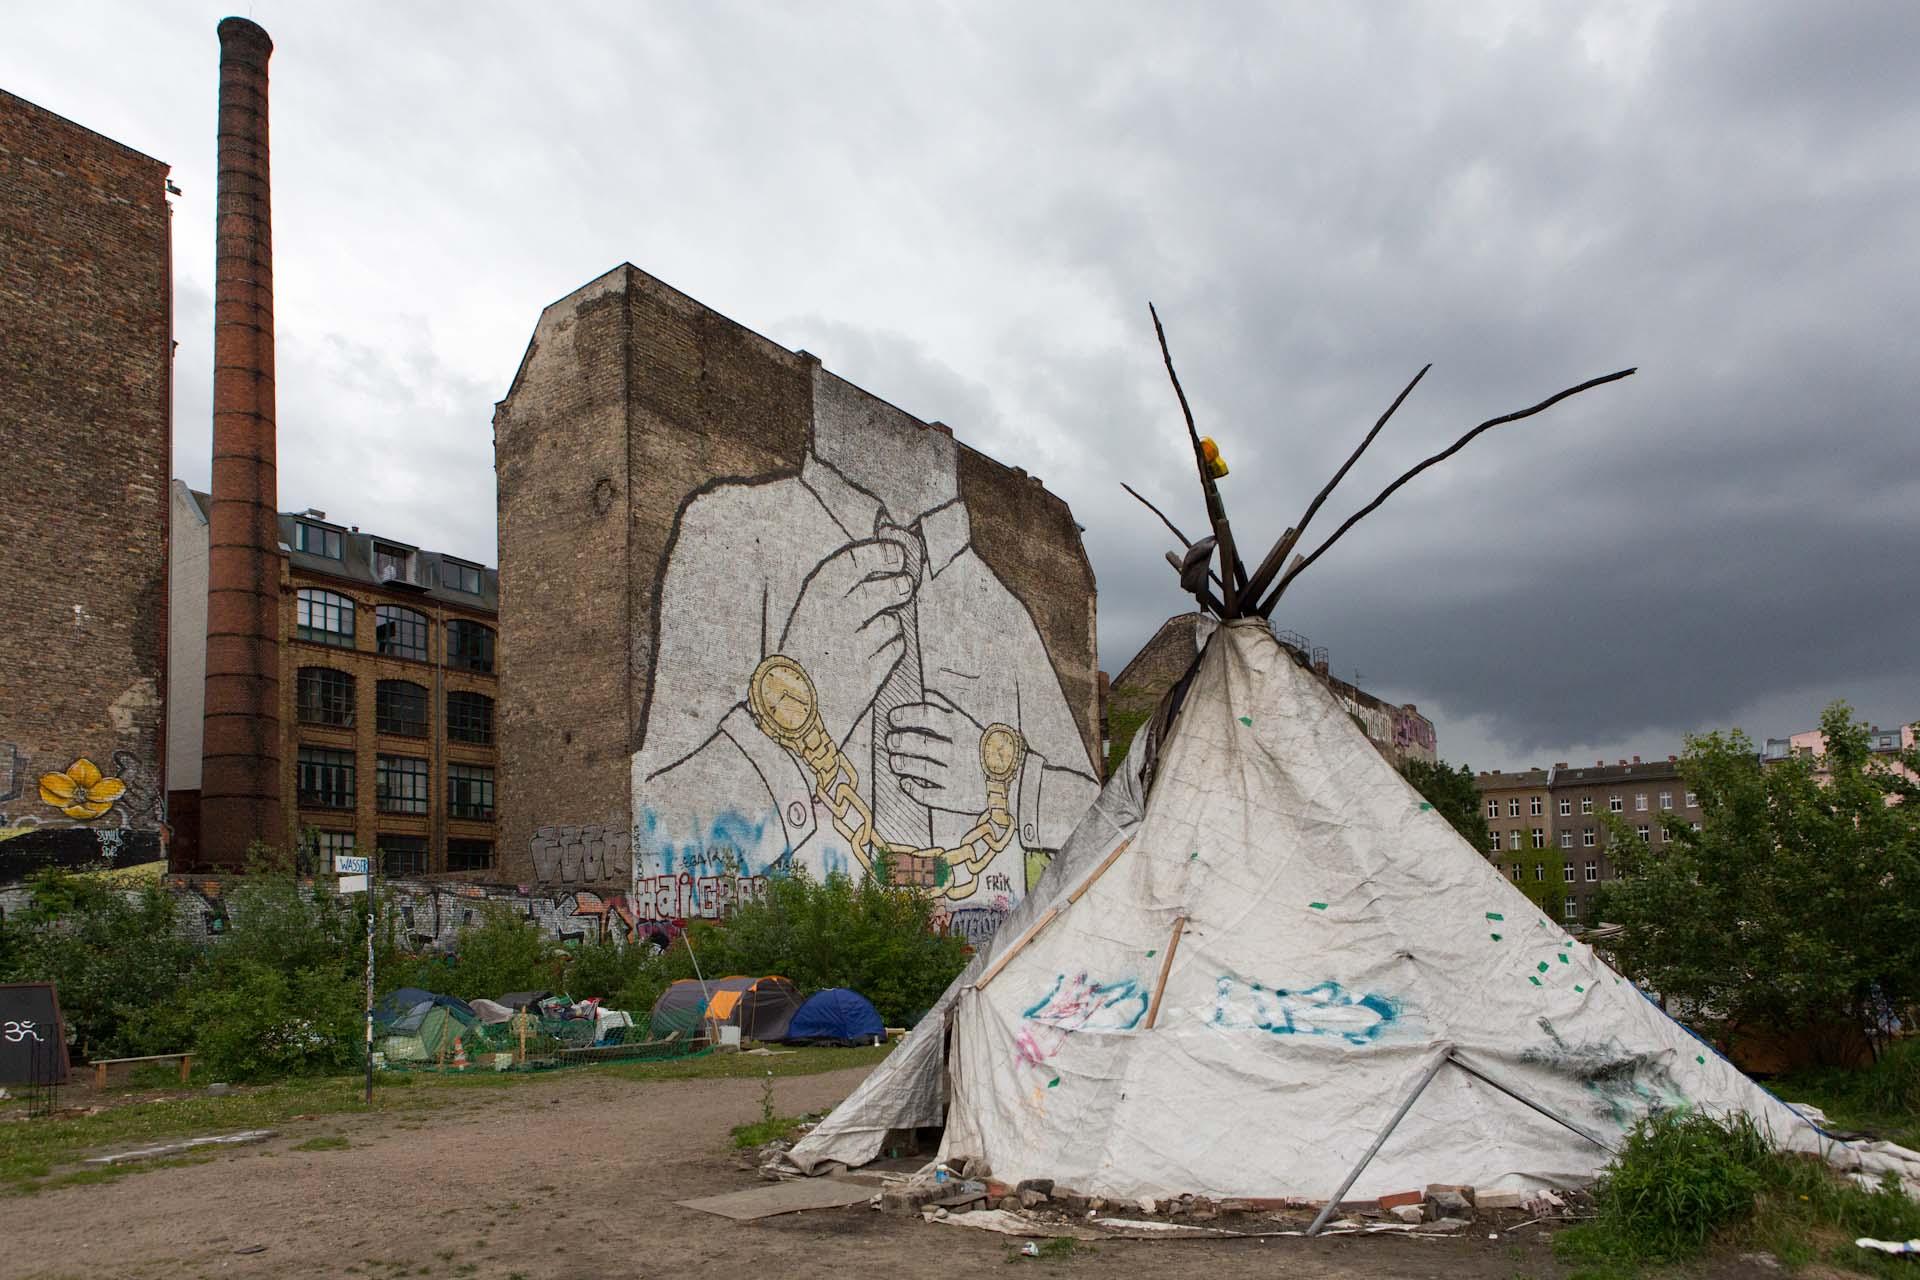 """Bekanntes Graffiti von 'Blu' an der Brandmauer des besetzten Grundstücks an der Cuvrystrasse in Kreuzberg. Bis zur Räumung wohnten viele Menschen in provisorischen Unterkünften in Deutschlands """"einziger Favela"""". Das Vorhaben das Grundstück mit Büroblocks zu überbauen, stagniert momentan, da Zalando als Mieter abgesprungen ist."""